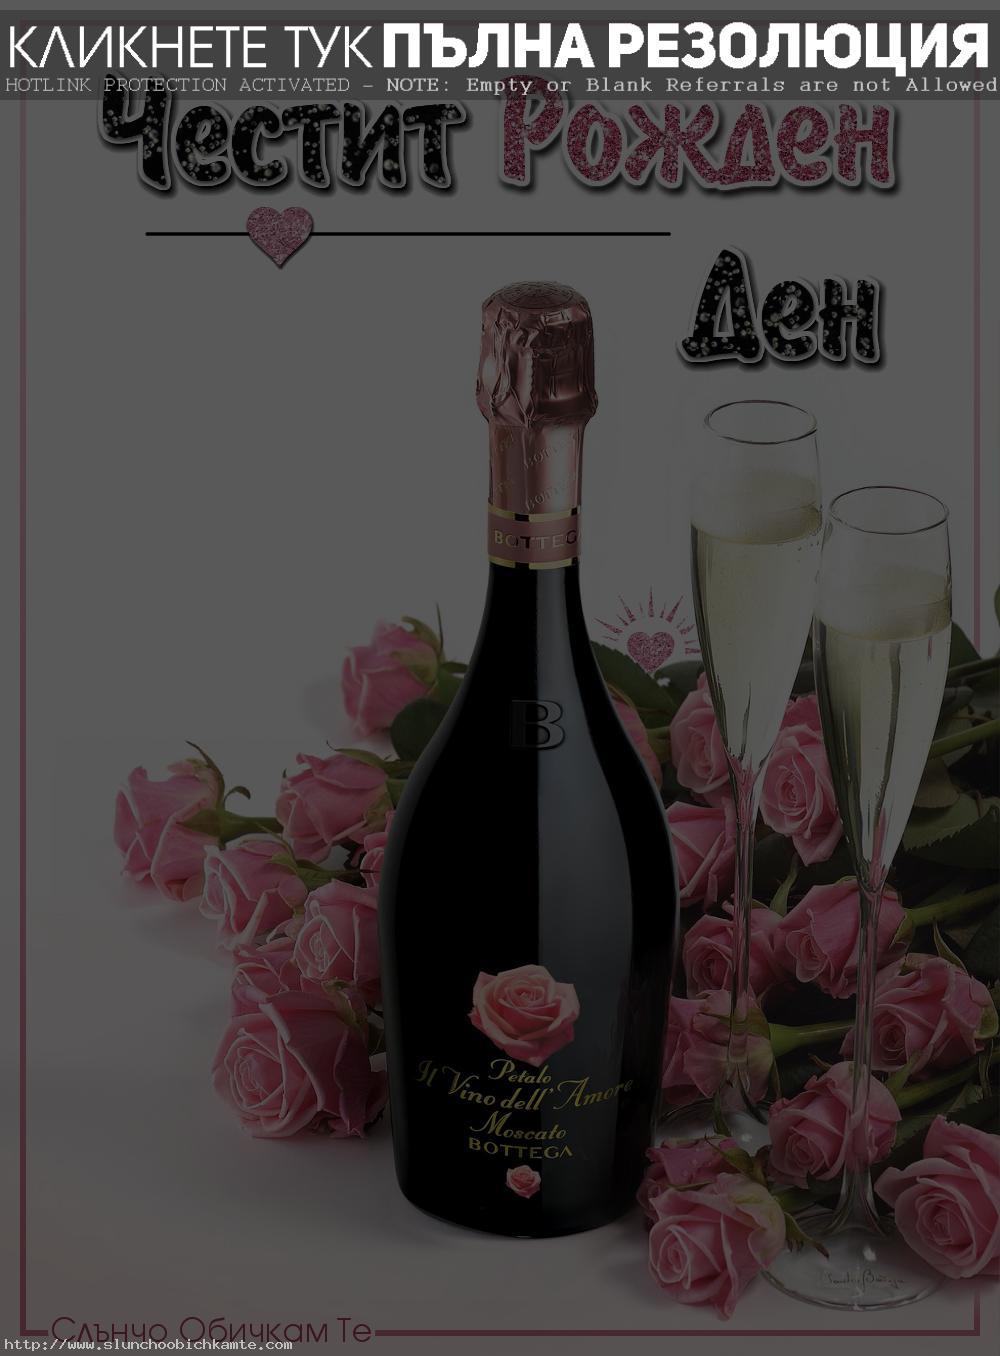 Честит рожден ден с вино и рози, картички с пожелания за рожден ден